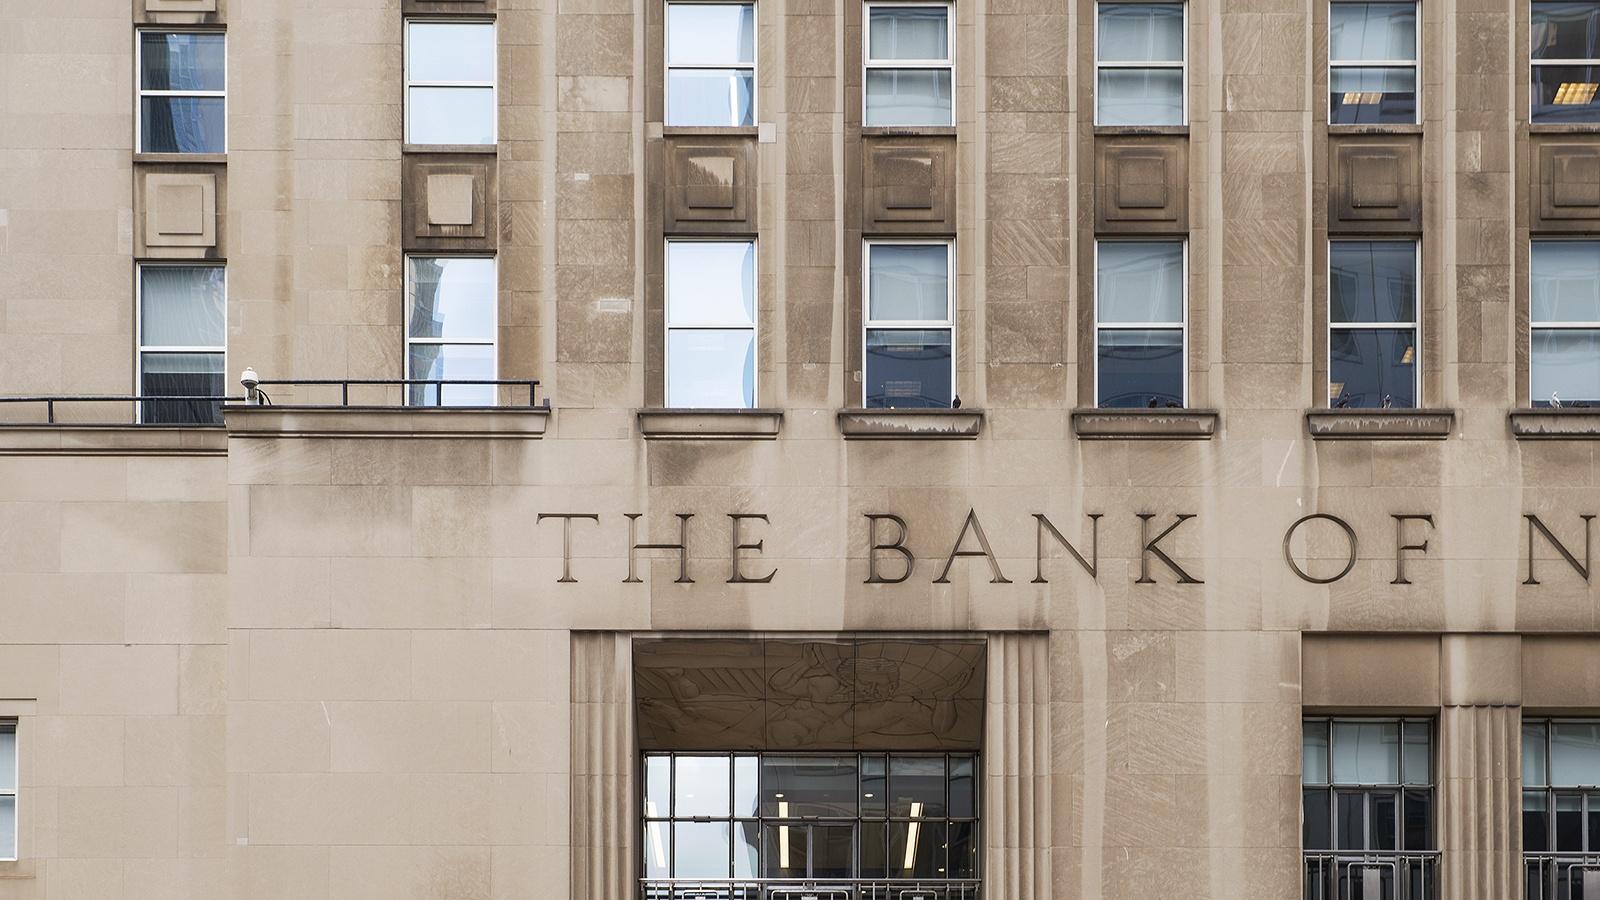 Bank of Nova Scotia at King and Bay